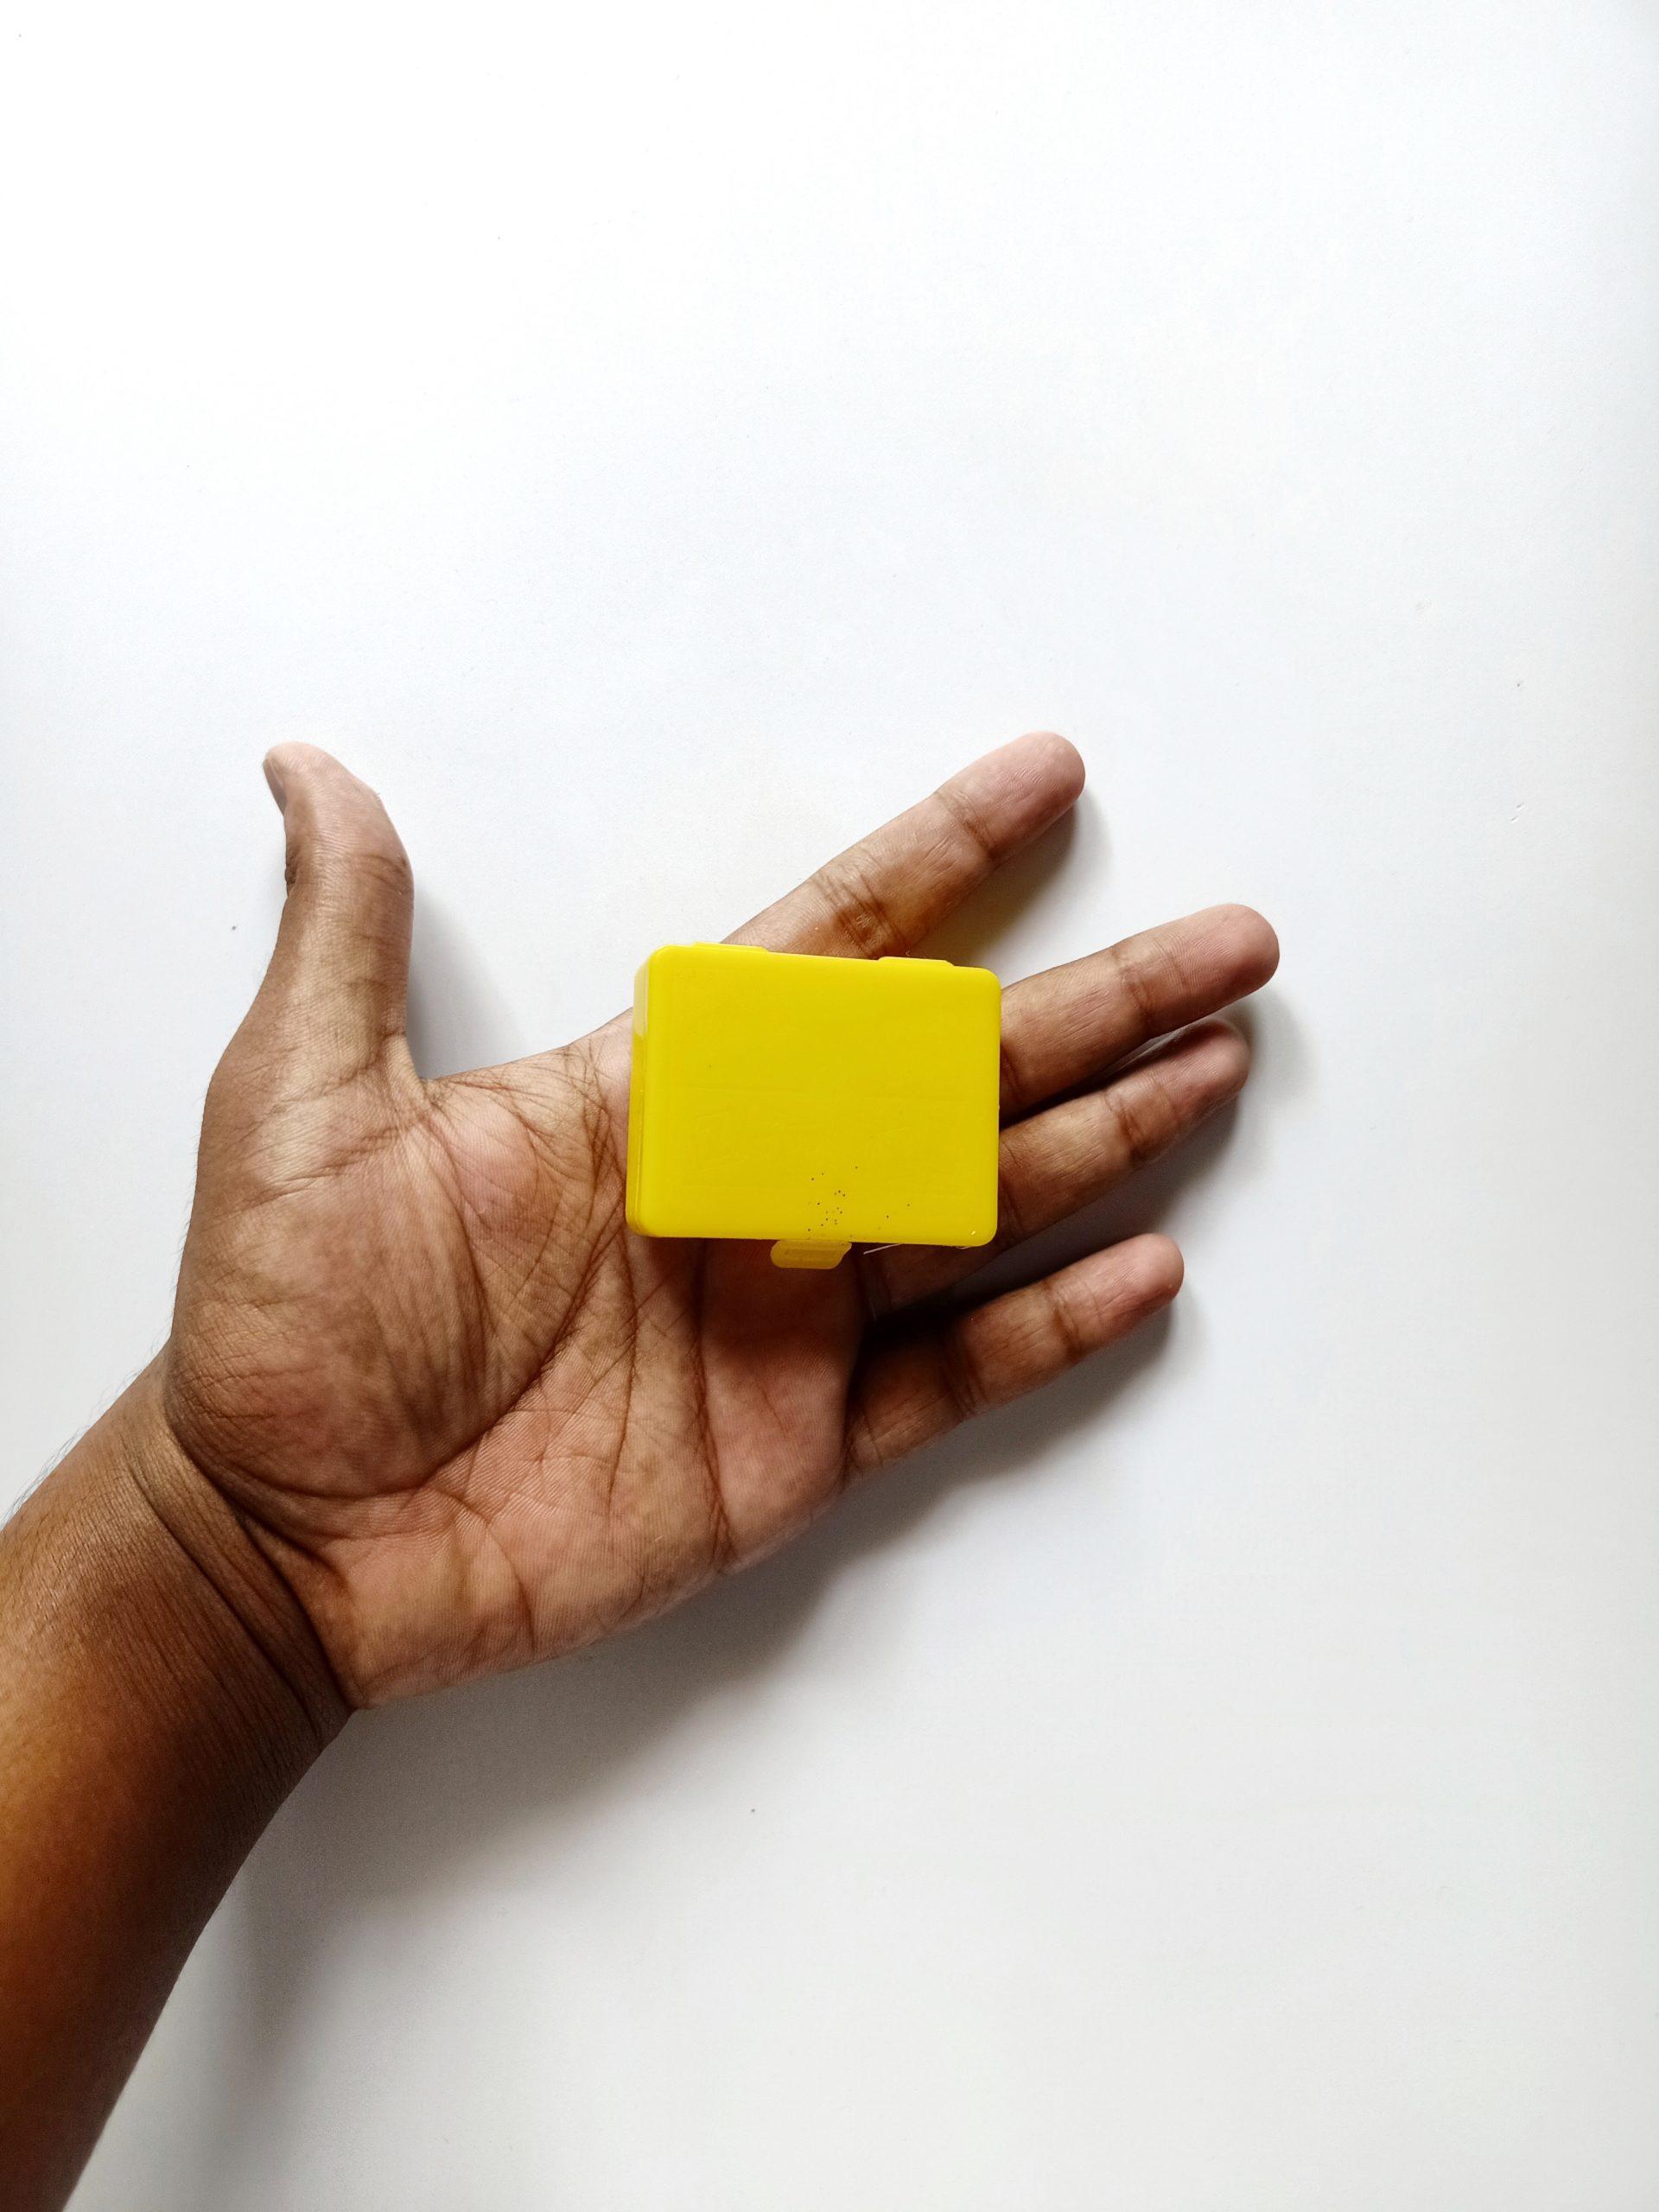 Yellow box in hand